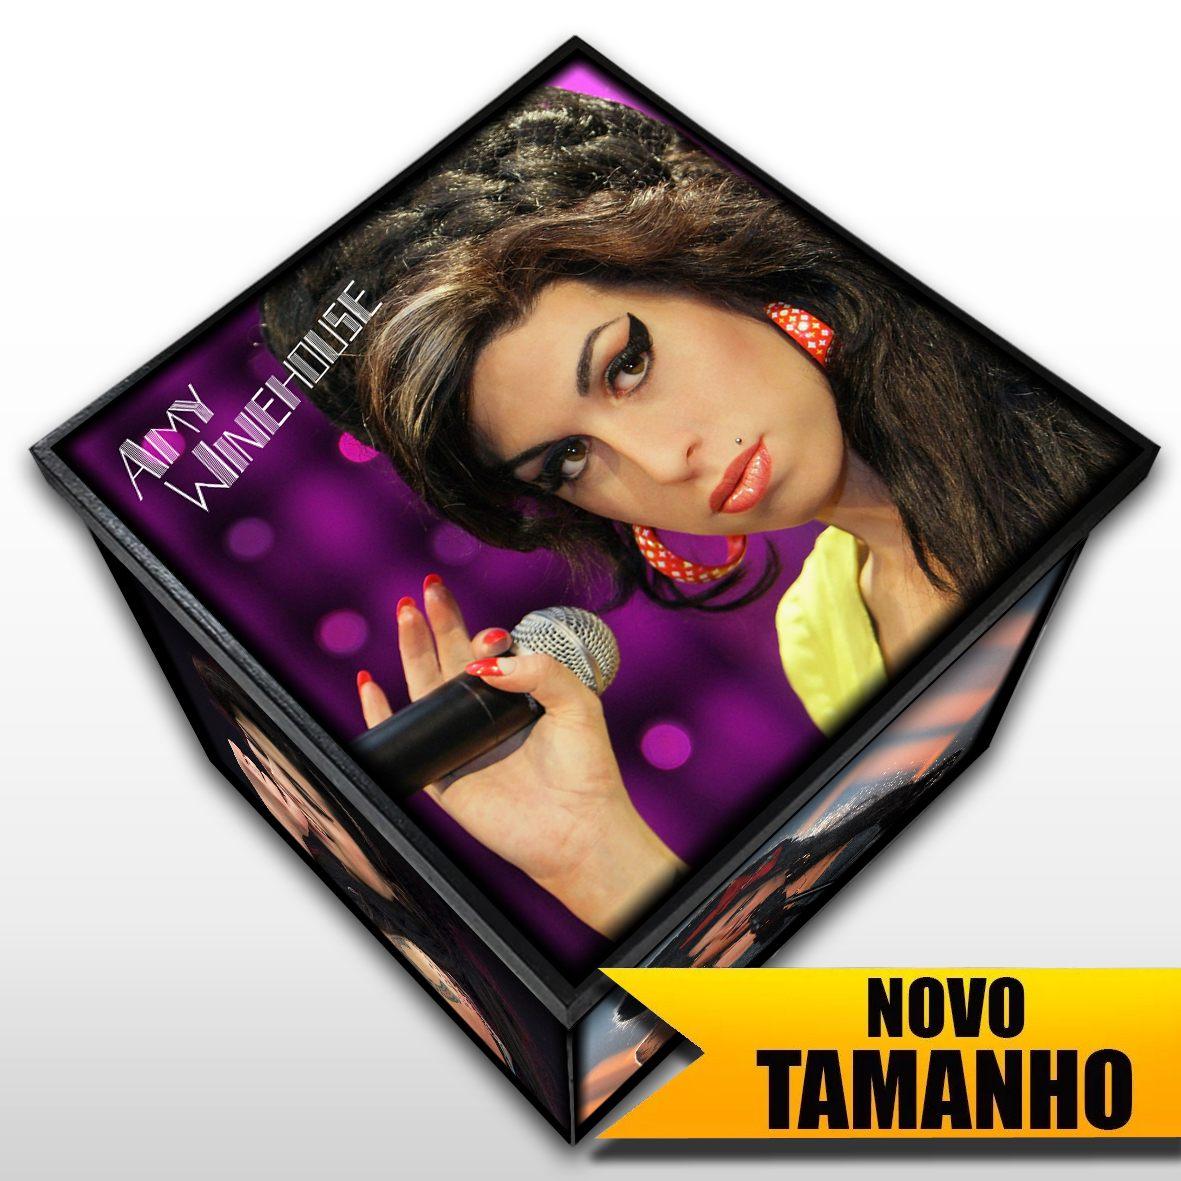 Amy Winehouse - Caixa em Madeira MDF - Tamanho Grande - Mr. Rock